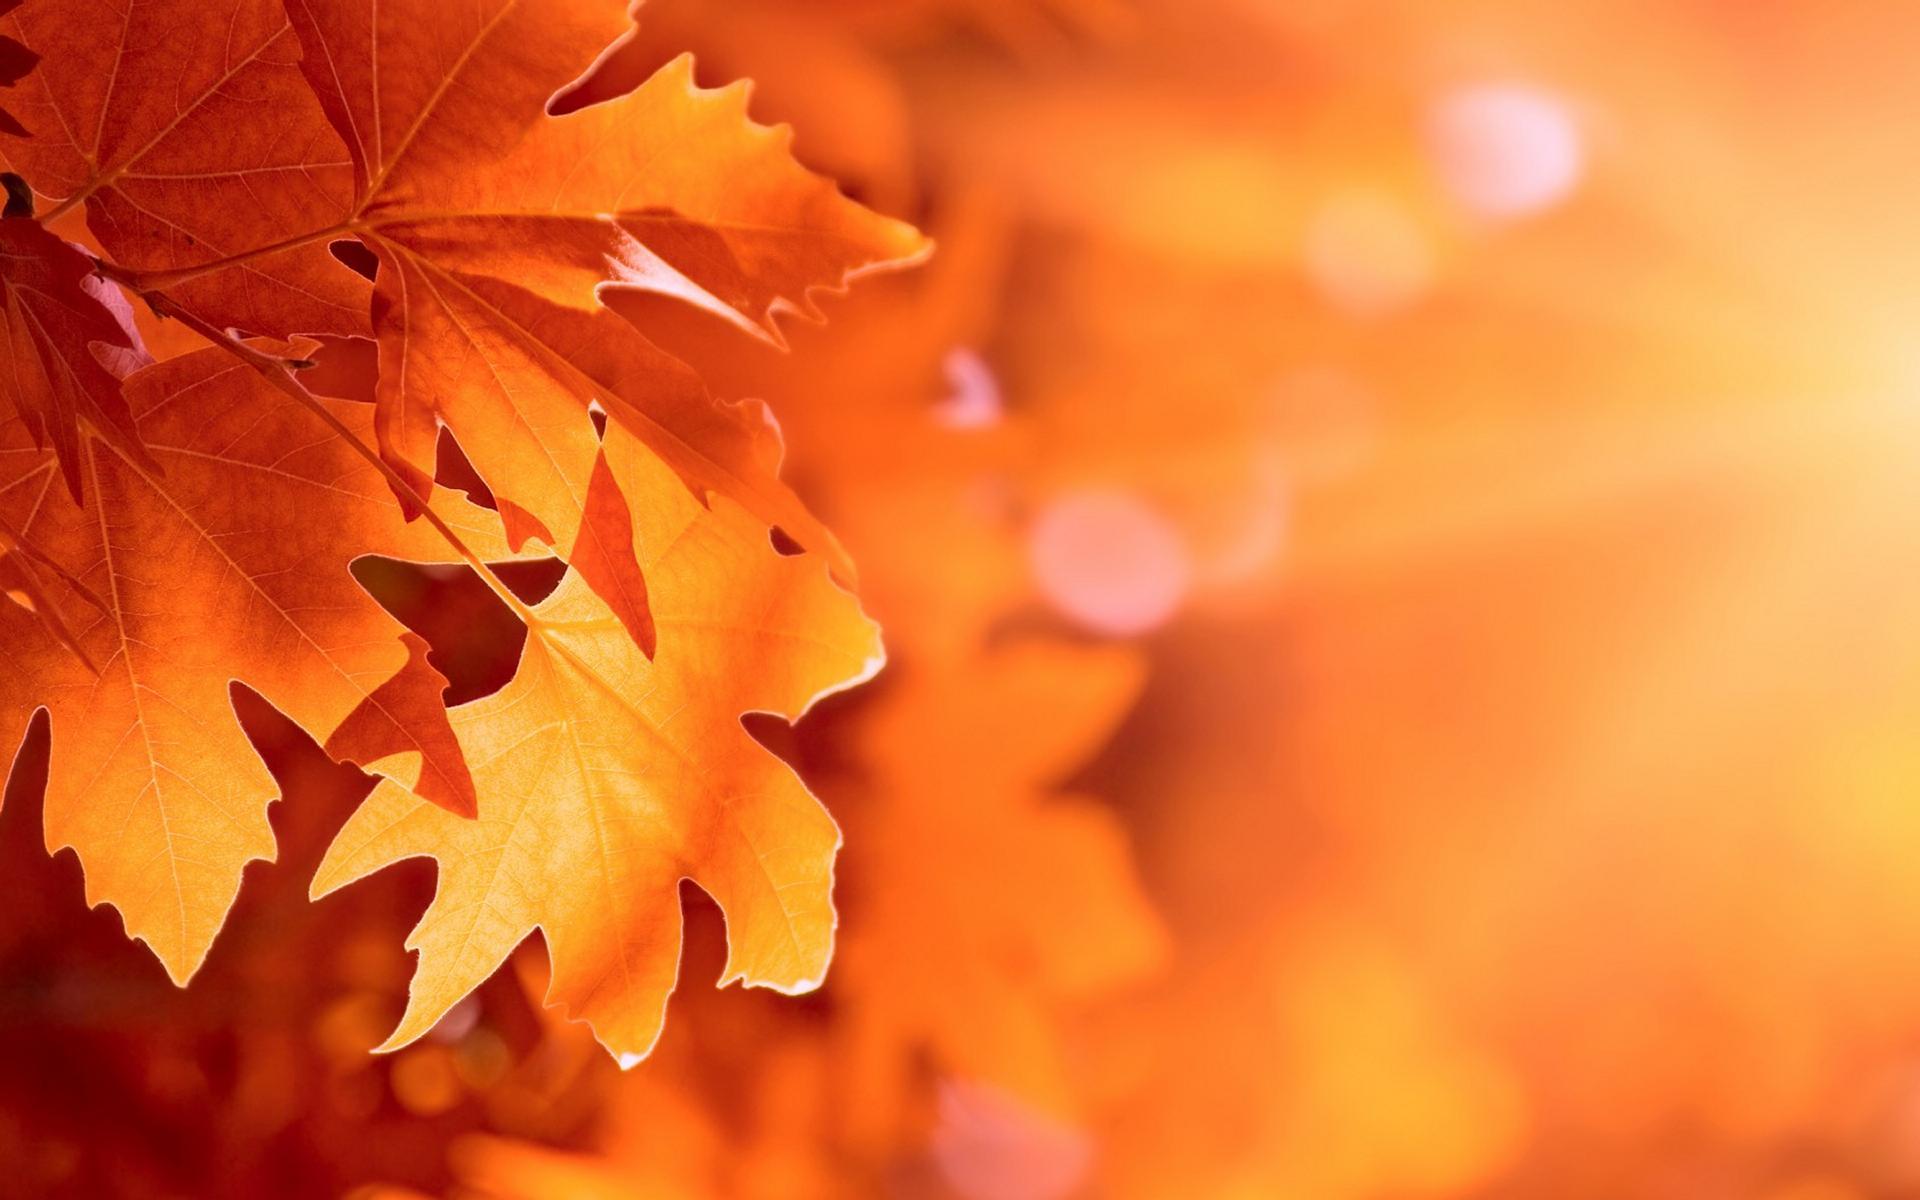 Benvenuto autunno in immagini per whatsapp 40 stati for Immagini autunno hd